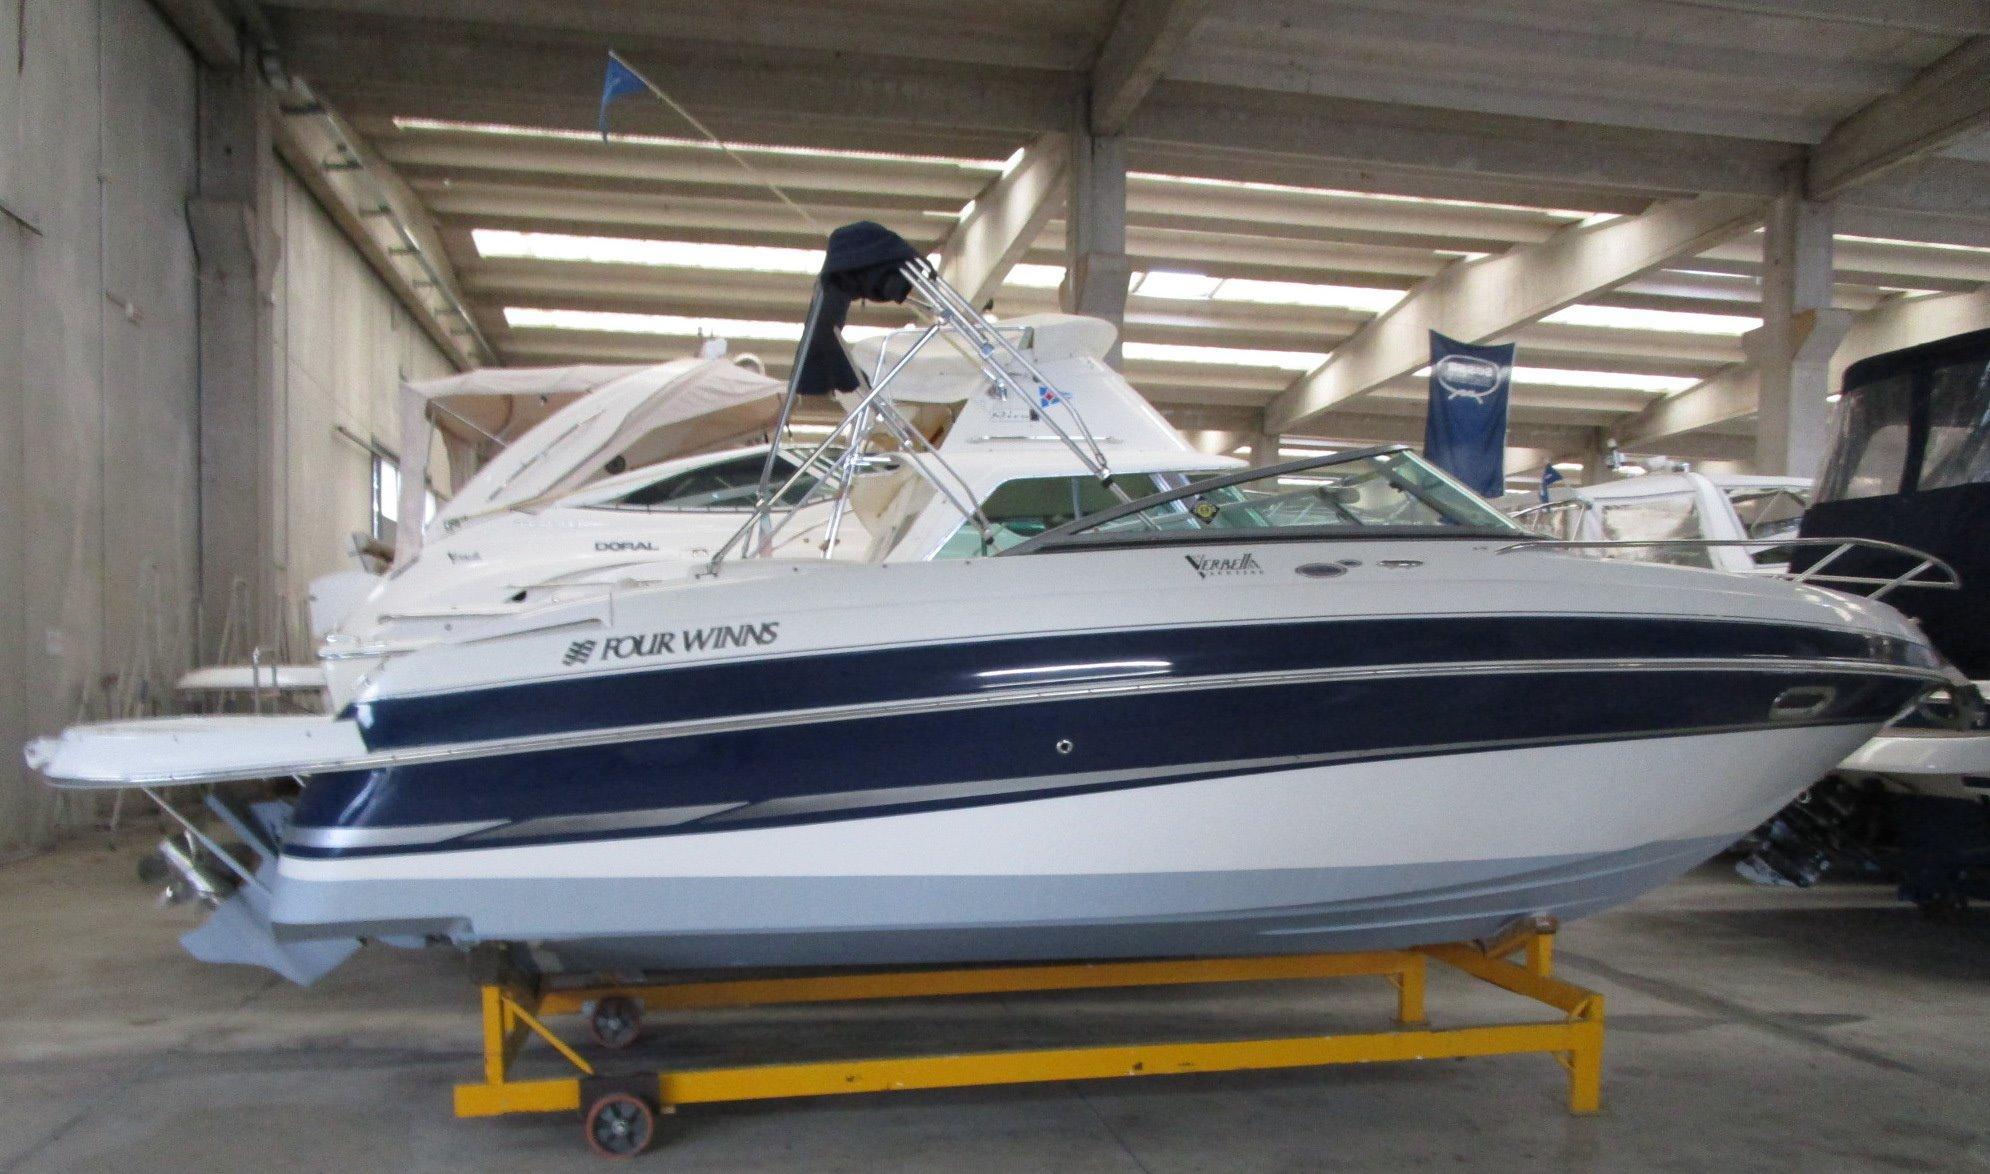 2004 Four Winns 225 Sundowner Power Boat For Sale Www